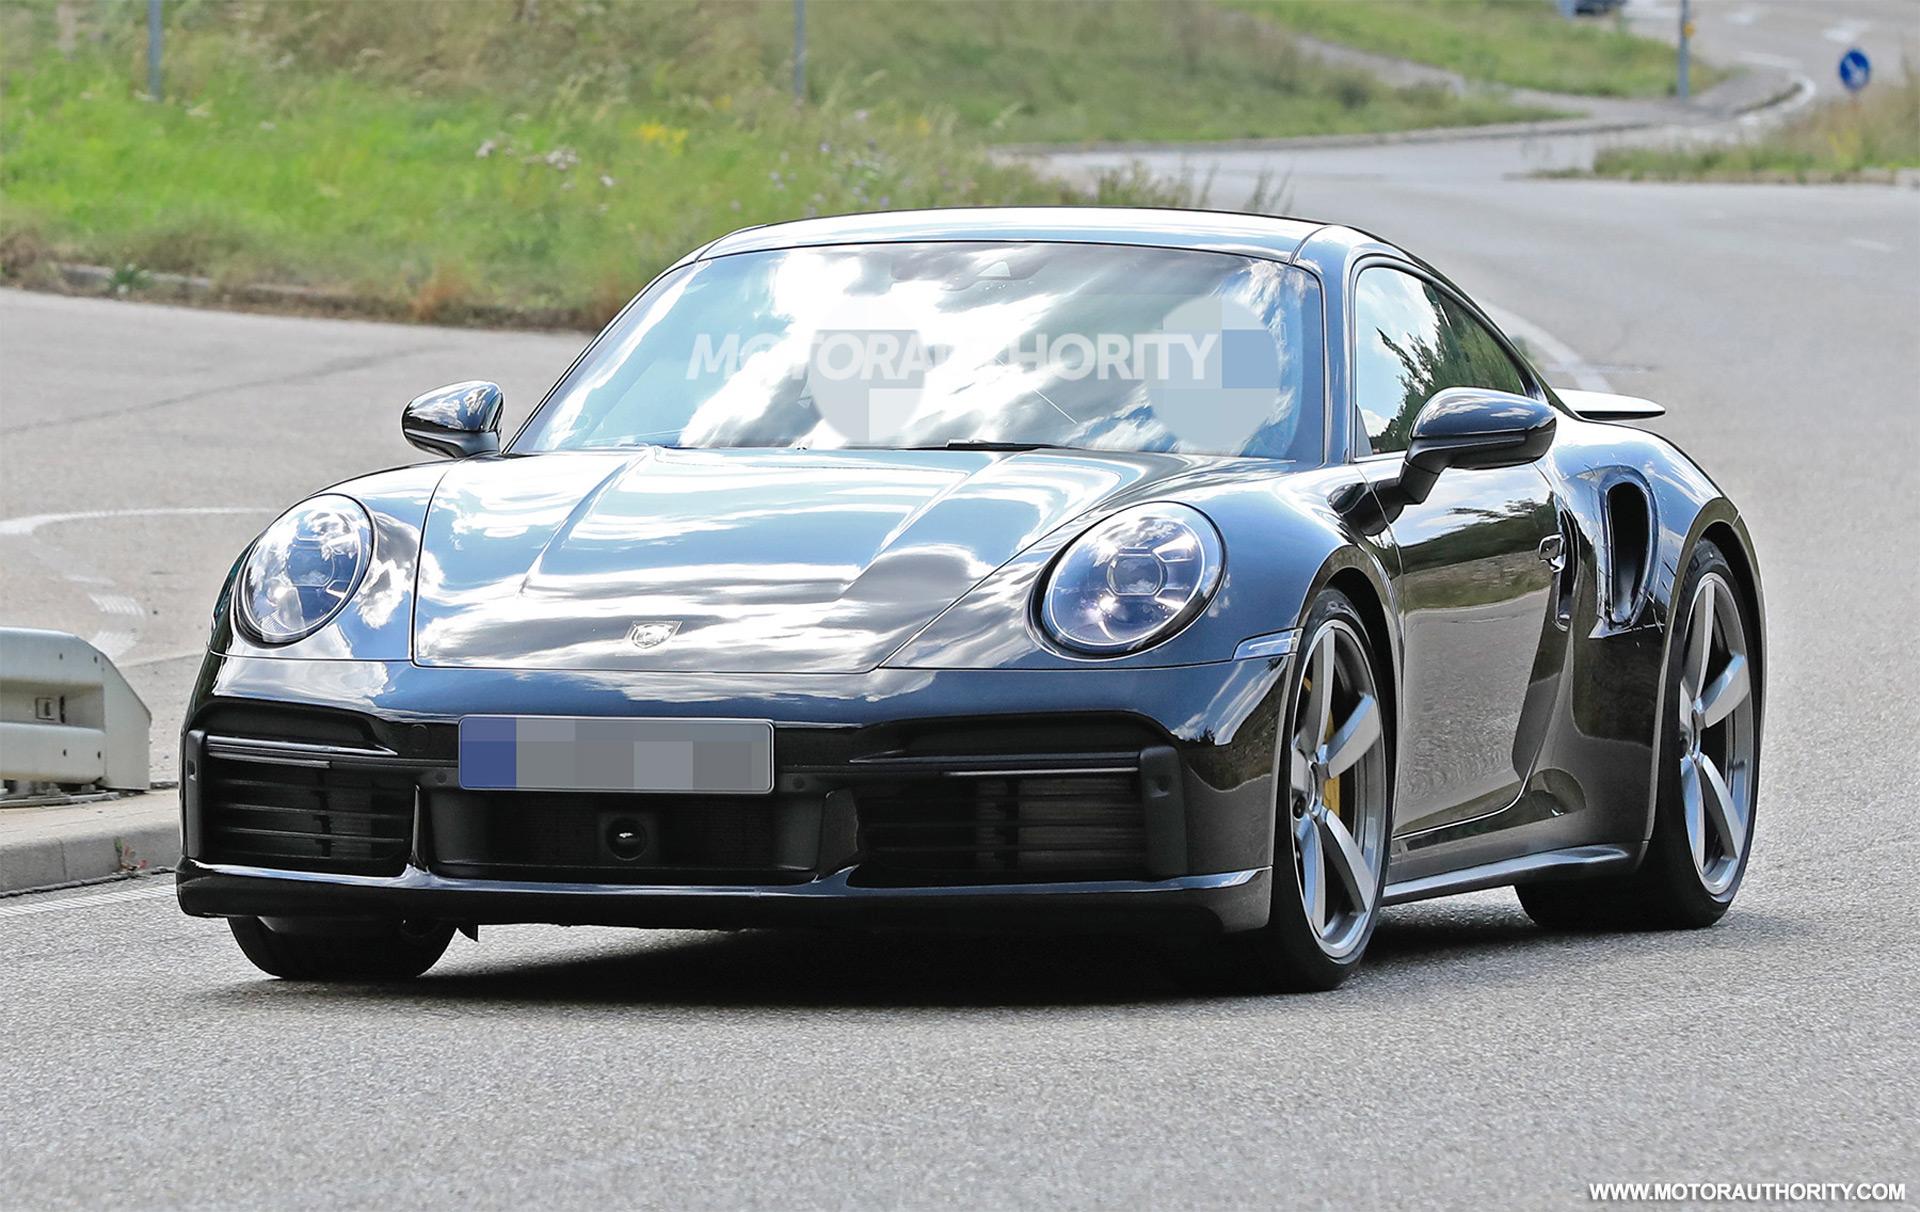 Новый Porsche 911 дебютировал больше года назад, но до сих пор не представлены хардкорные версии Turbo и Turbo S. По слухам, их покажут через три недели на Женевском автосалоне.